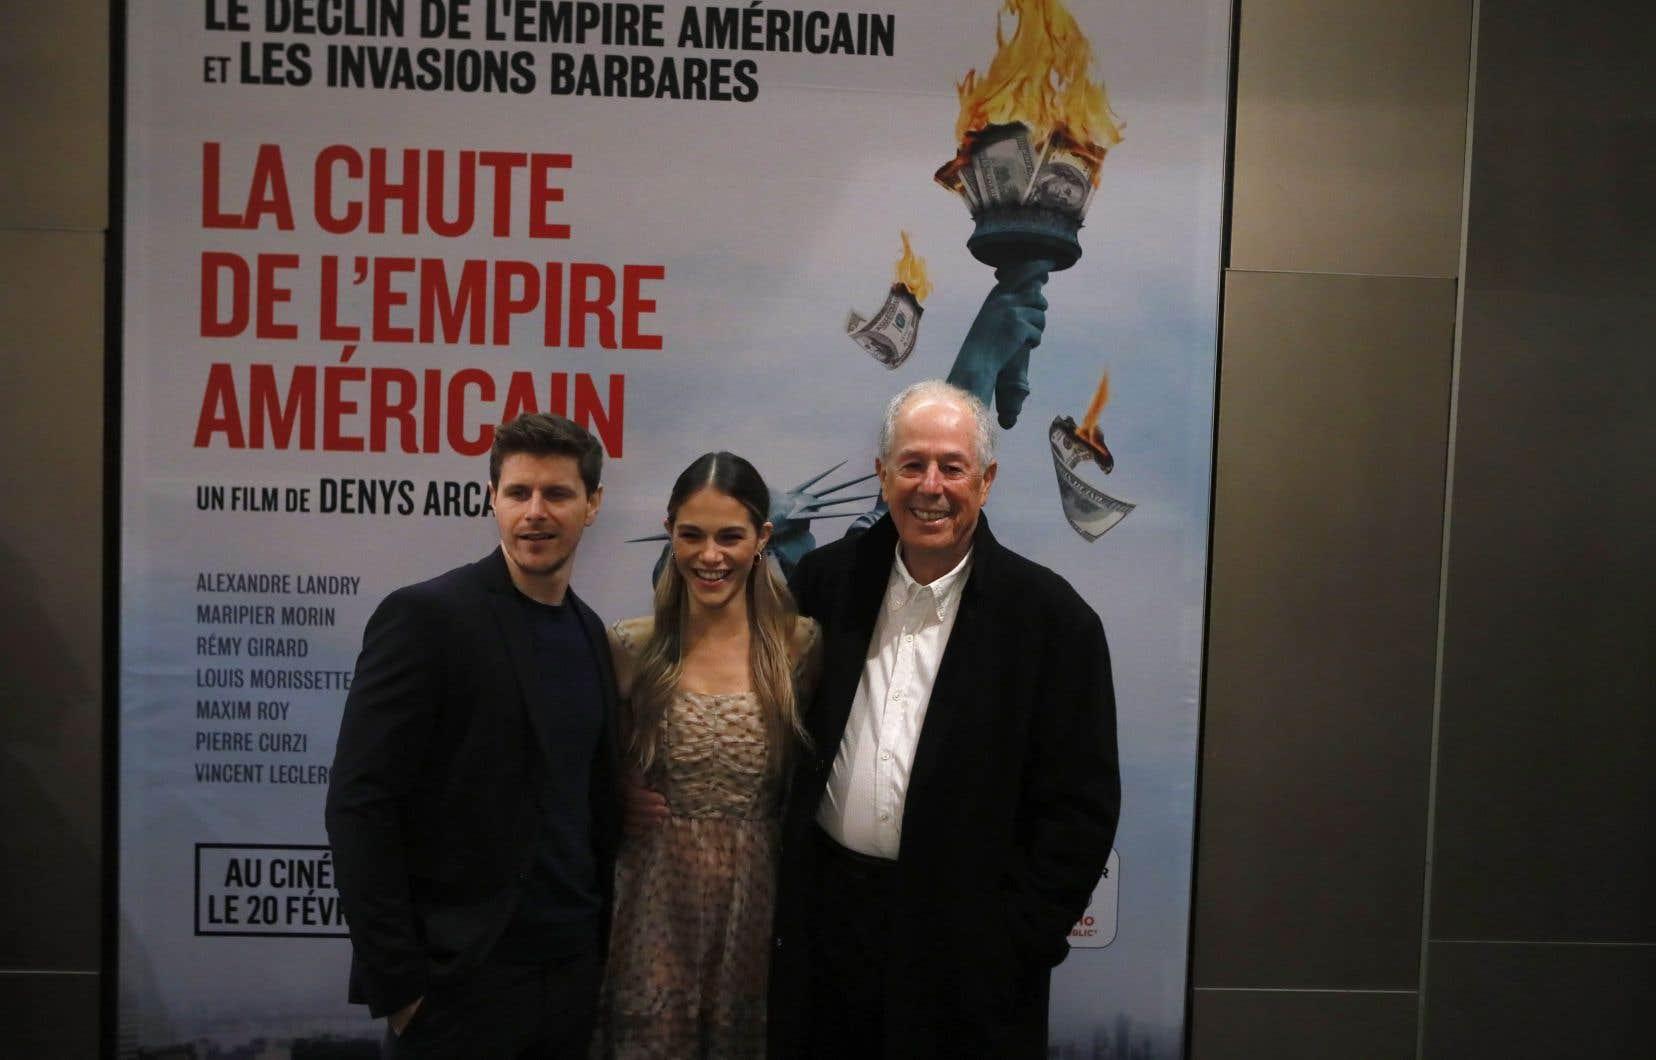 Denys Arcand et deux des principaux acteurs de «La chute de l'empire américain», Alexandre Landry et Maripier Morin, lors de la première française du film à Paris le 12 février dernier